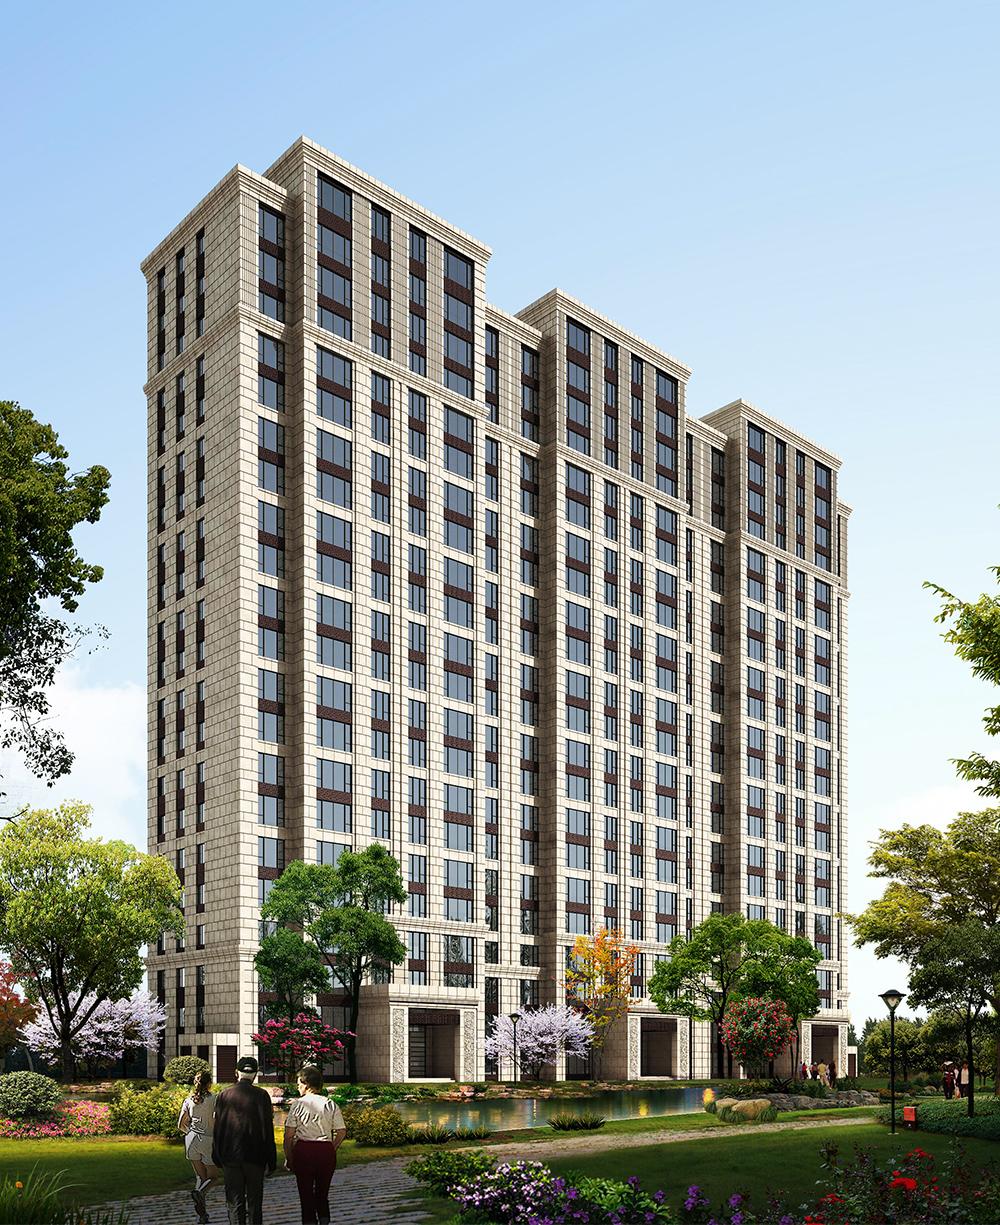 礼制私家园林豪宅  精工品质至尊巨献 ——北京承达中标北京紫辰院项目